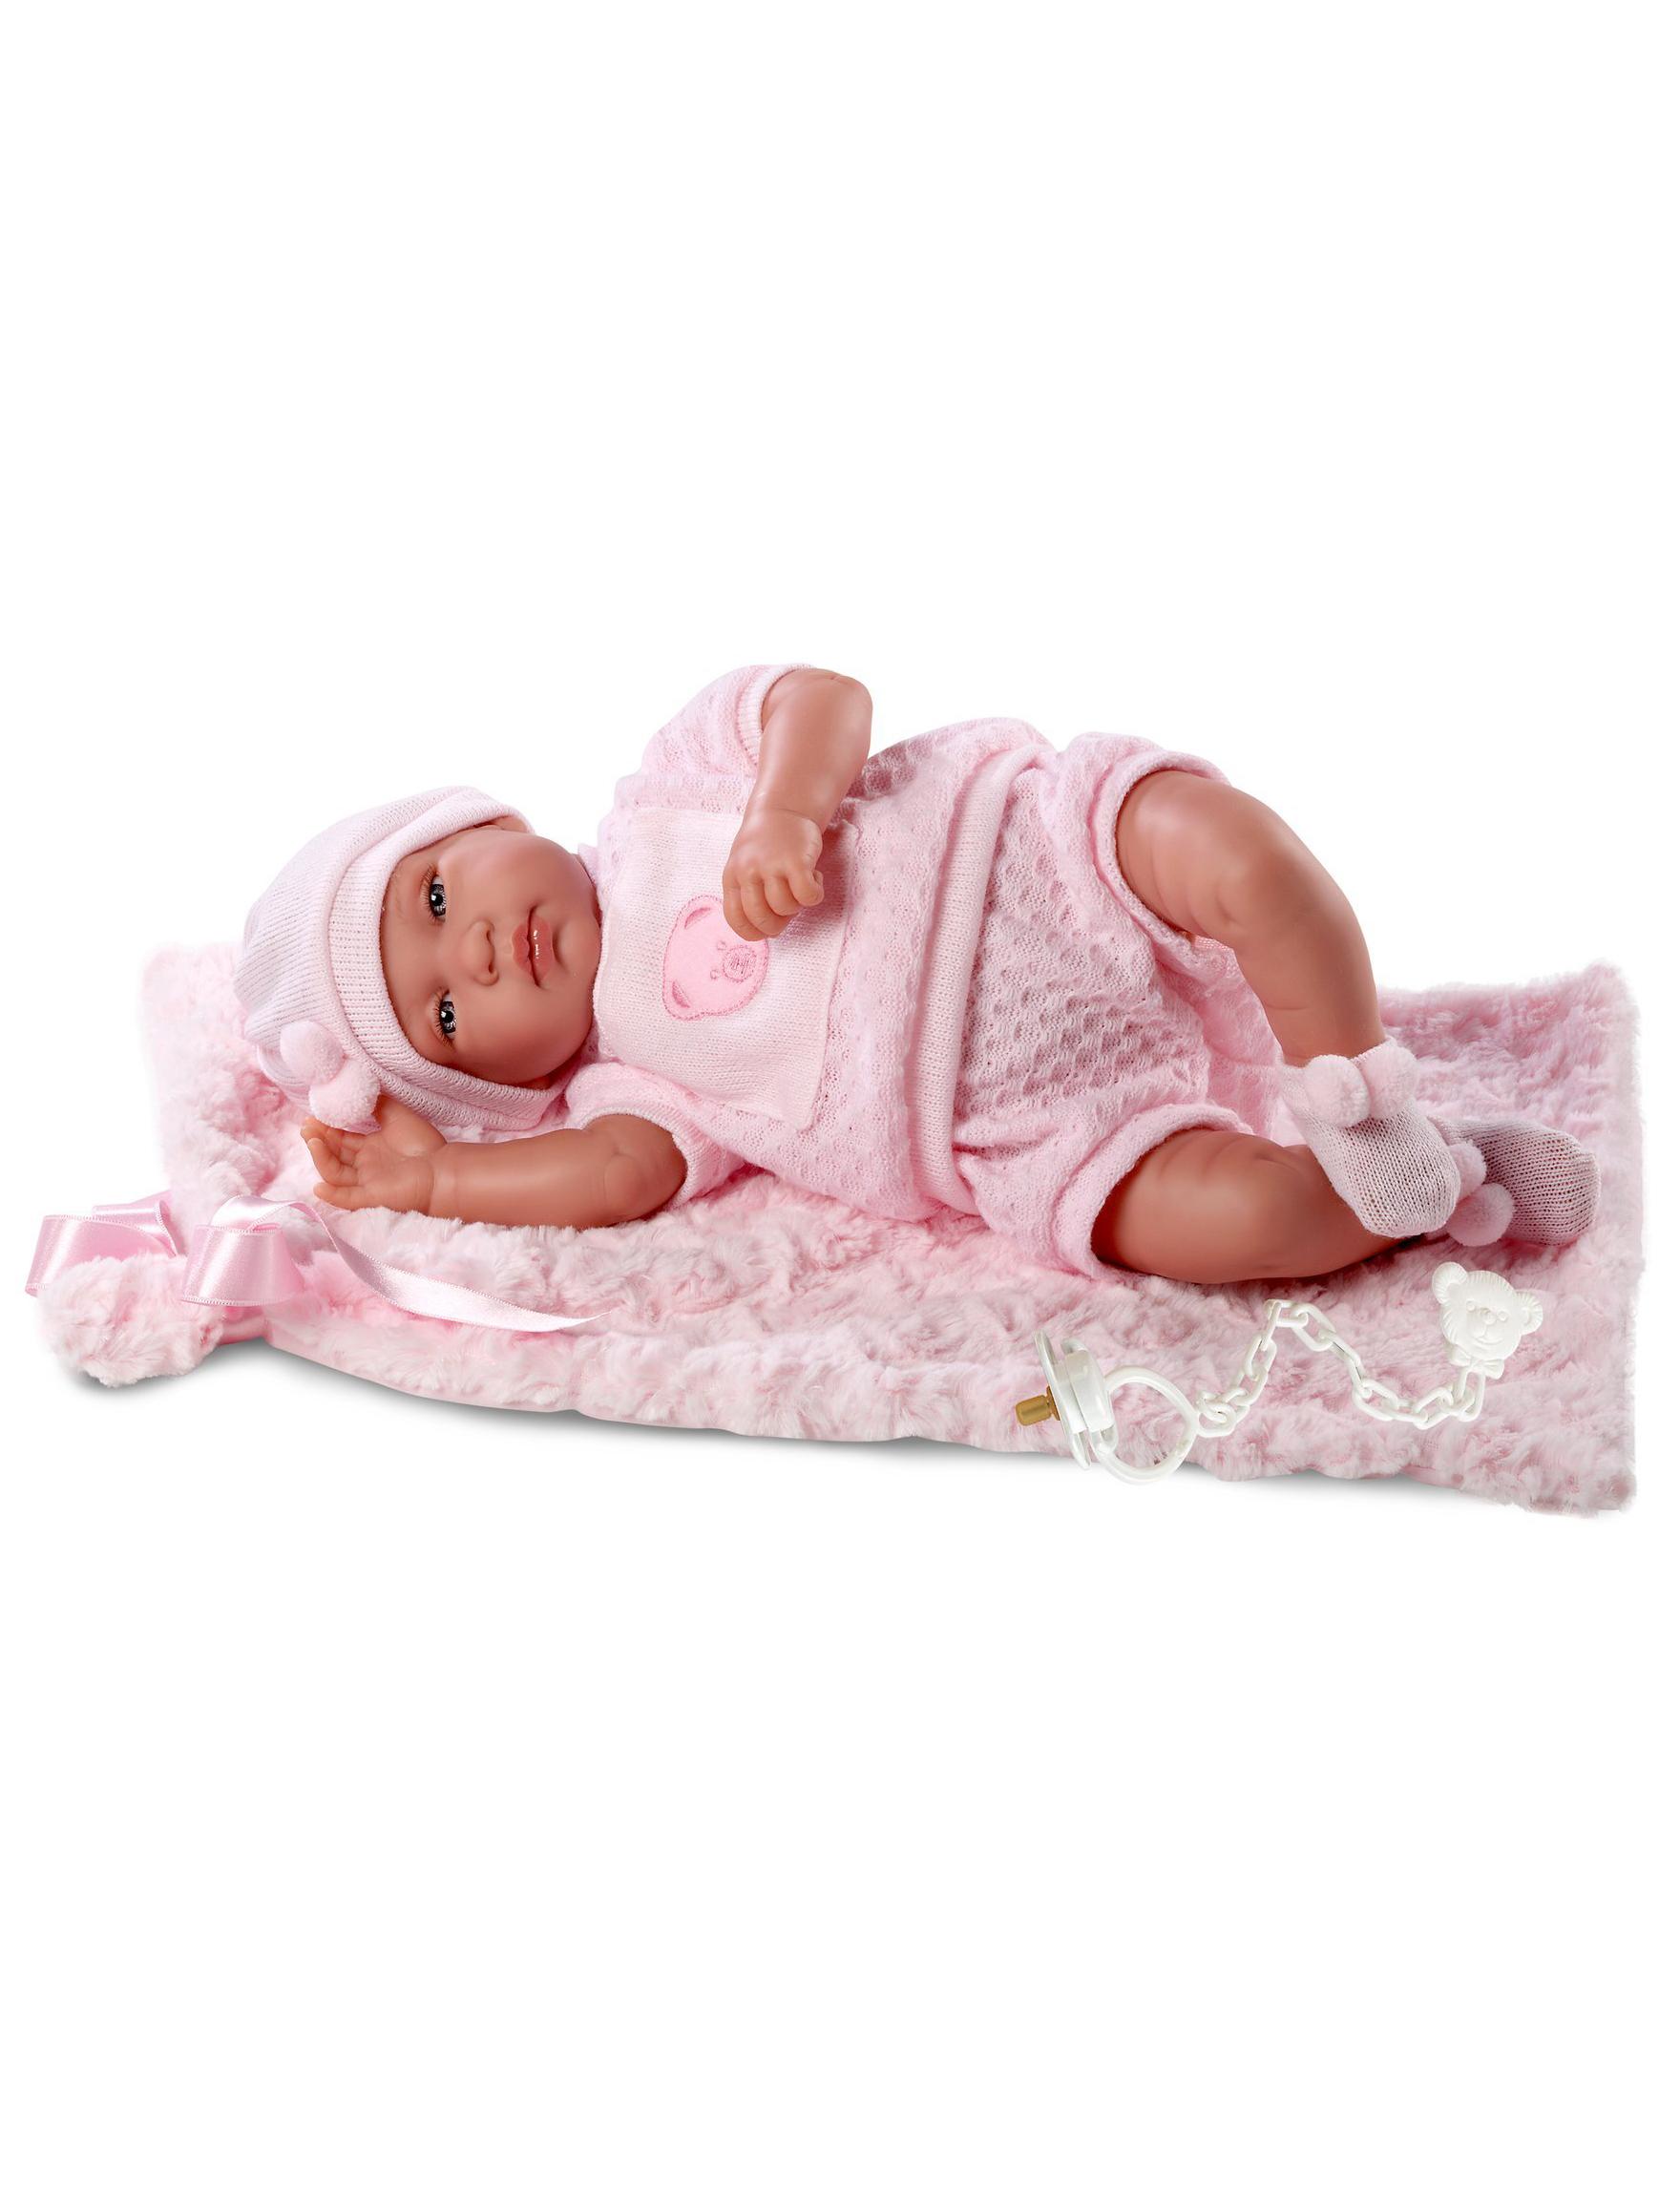 Кукла младенец со звуком в розовом костюмчике, 43 см., с одеяломИспанские куклы Llorens Juan, S.L.<br>Кукла младенец со звуком в розовом костюмчике, 43 см., с одеялом<br>